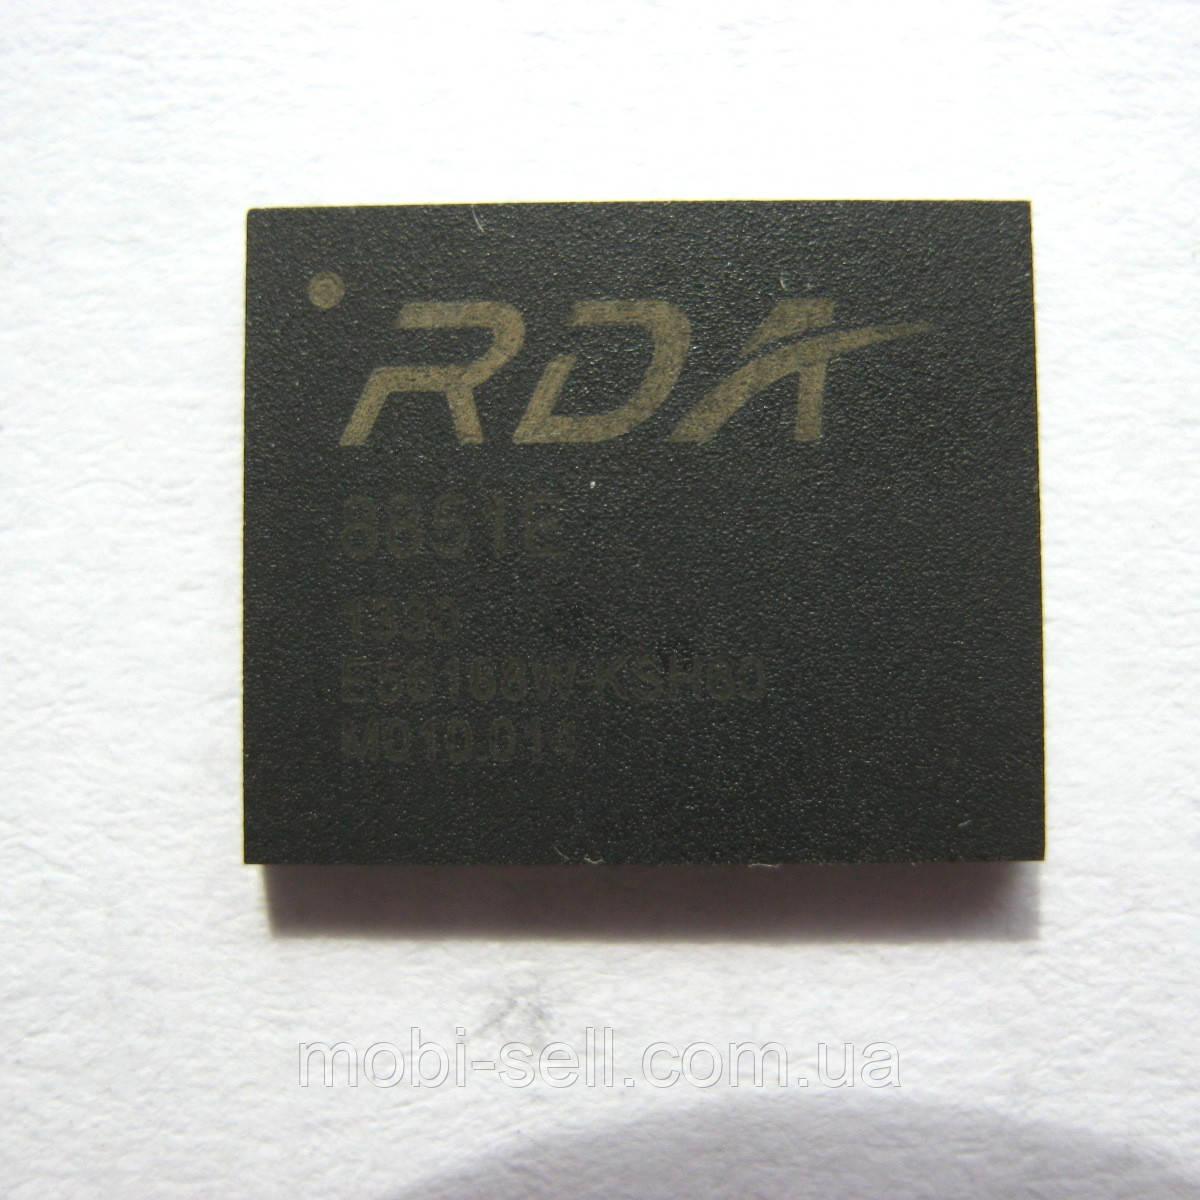 Микросхема RDA8851E процессор CPU для китайских телефонов (RDA 8851 E)